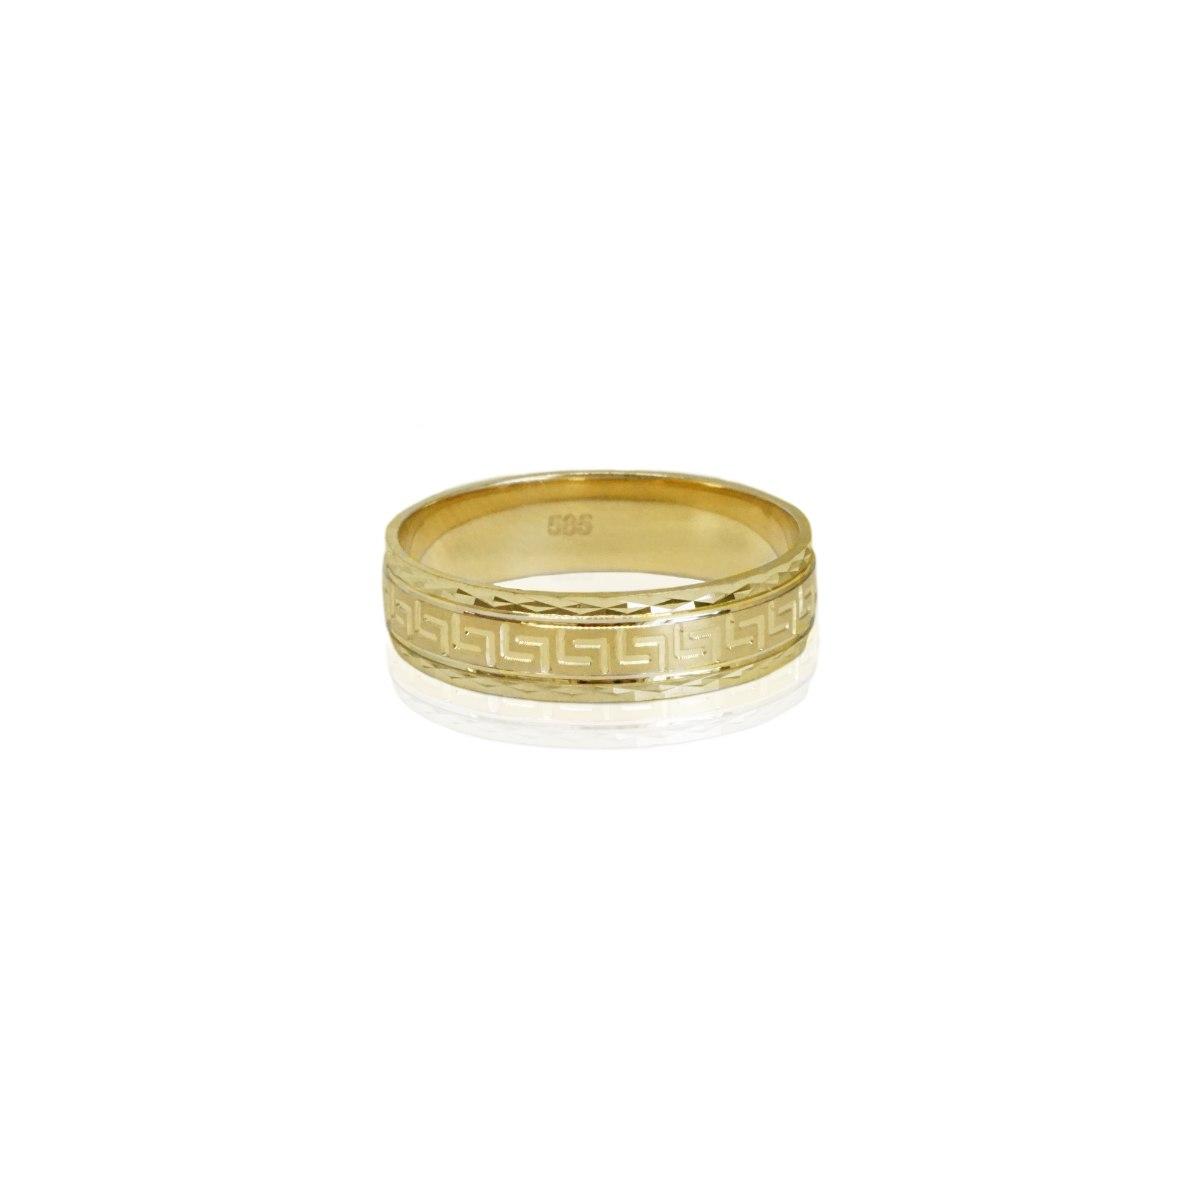 טבעת זהב צהוב רחבה בסגנון רומאי